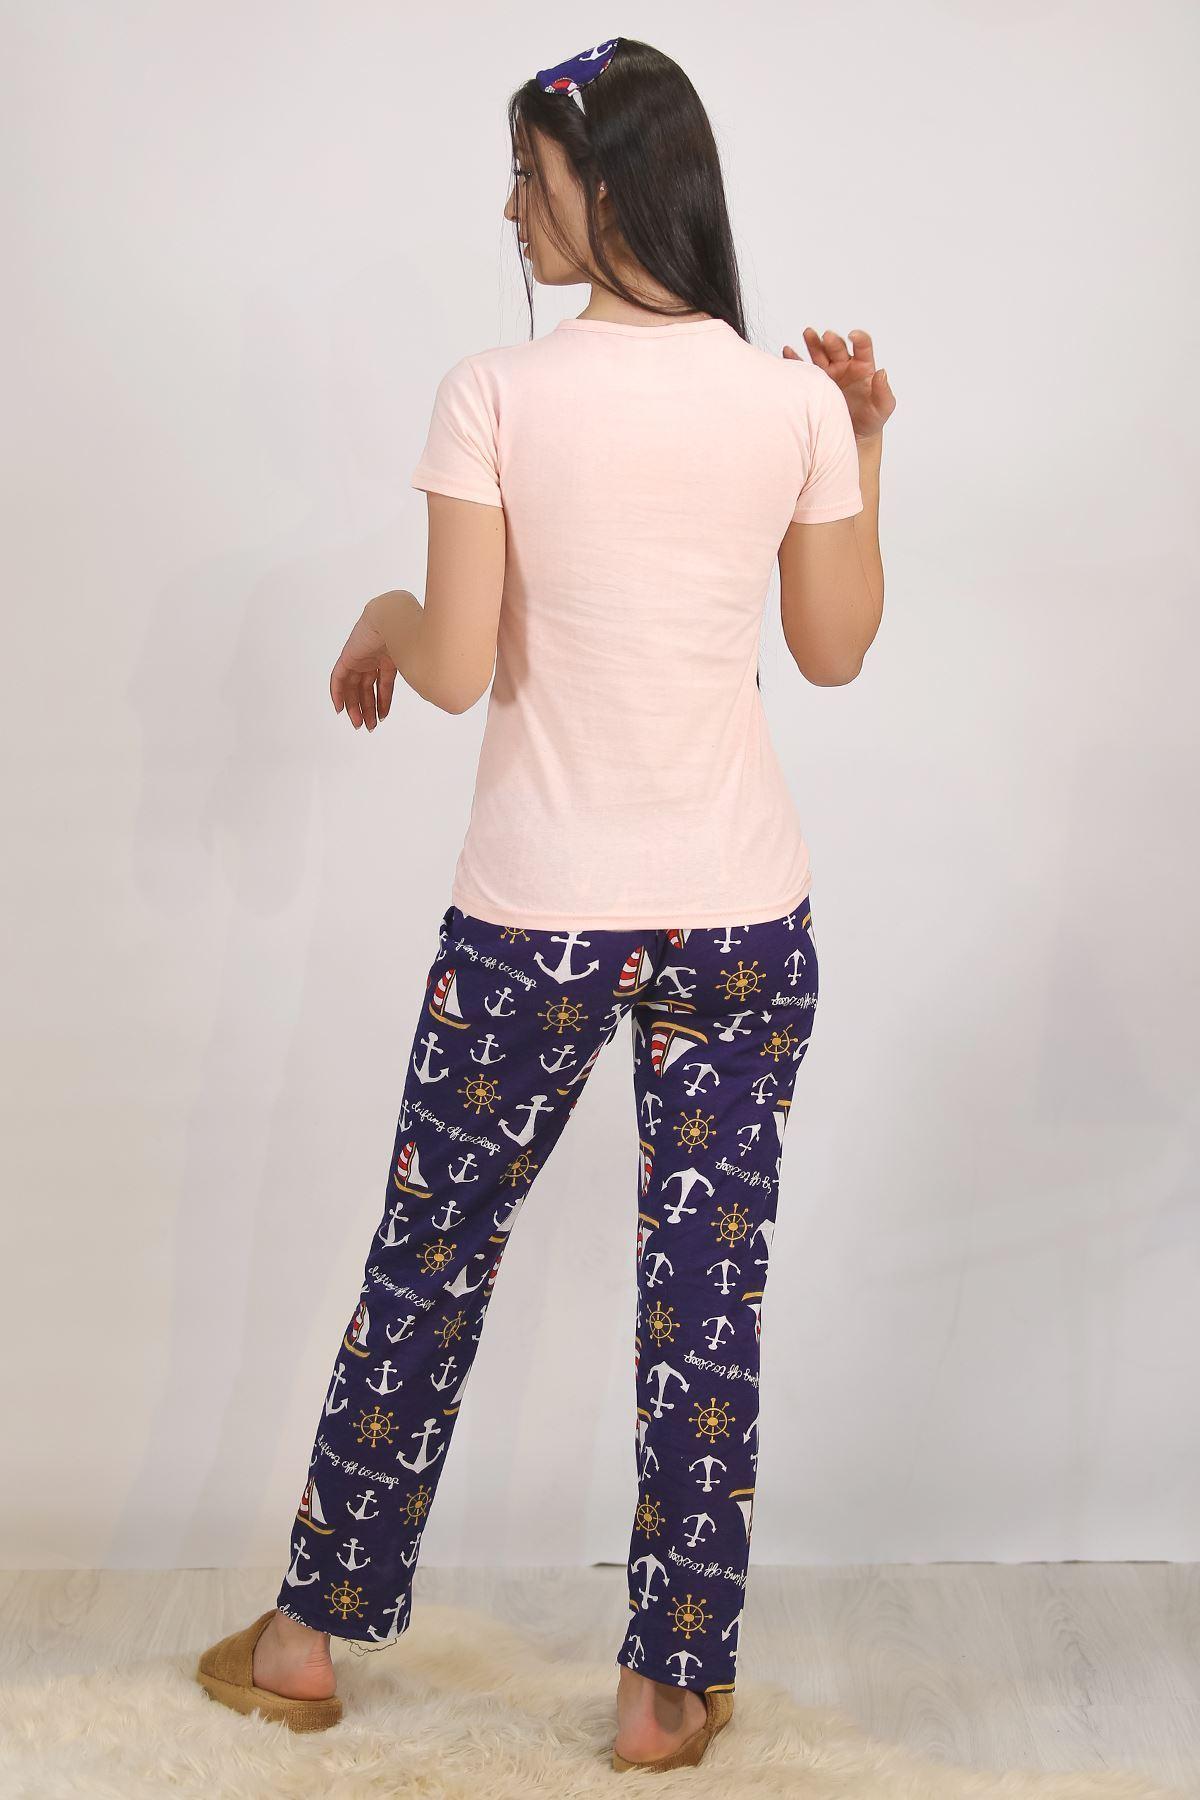 Baskılı Pijama Takımı Pembe - 4705.102.